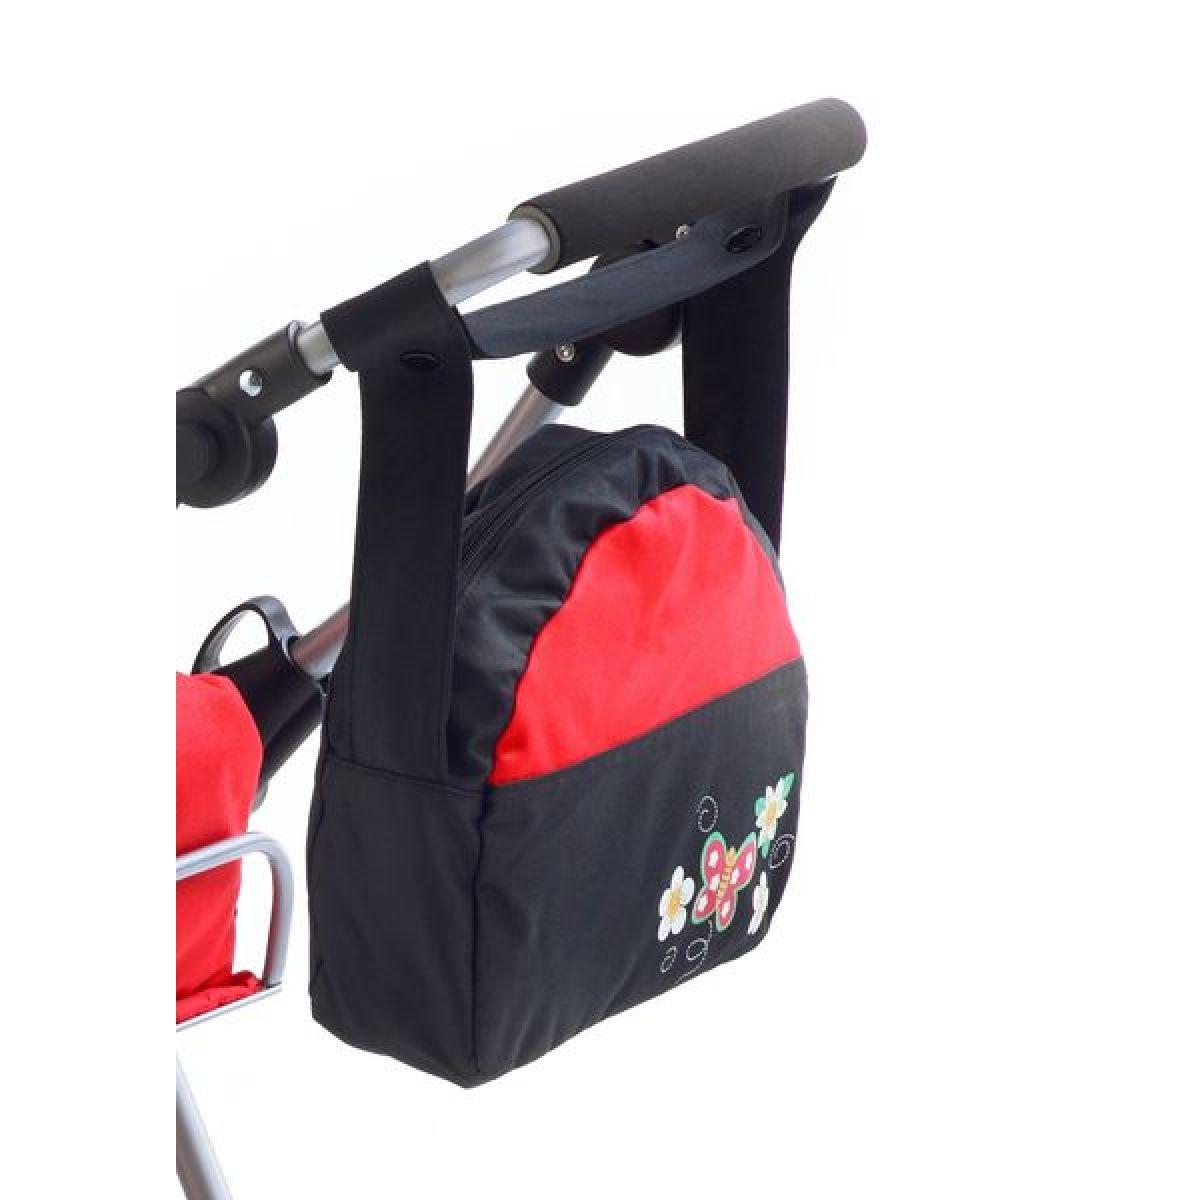 BAYER CHIC 2000 - 85323 - Přebalovací taška ke kočárku pro panenky - Classic line Rot